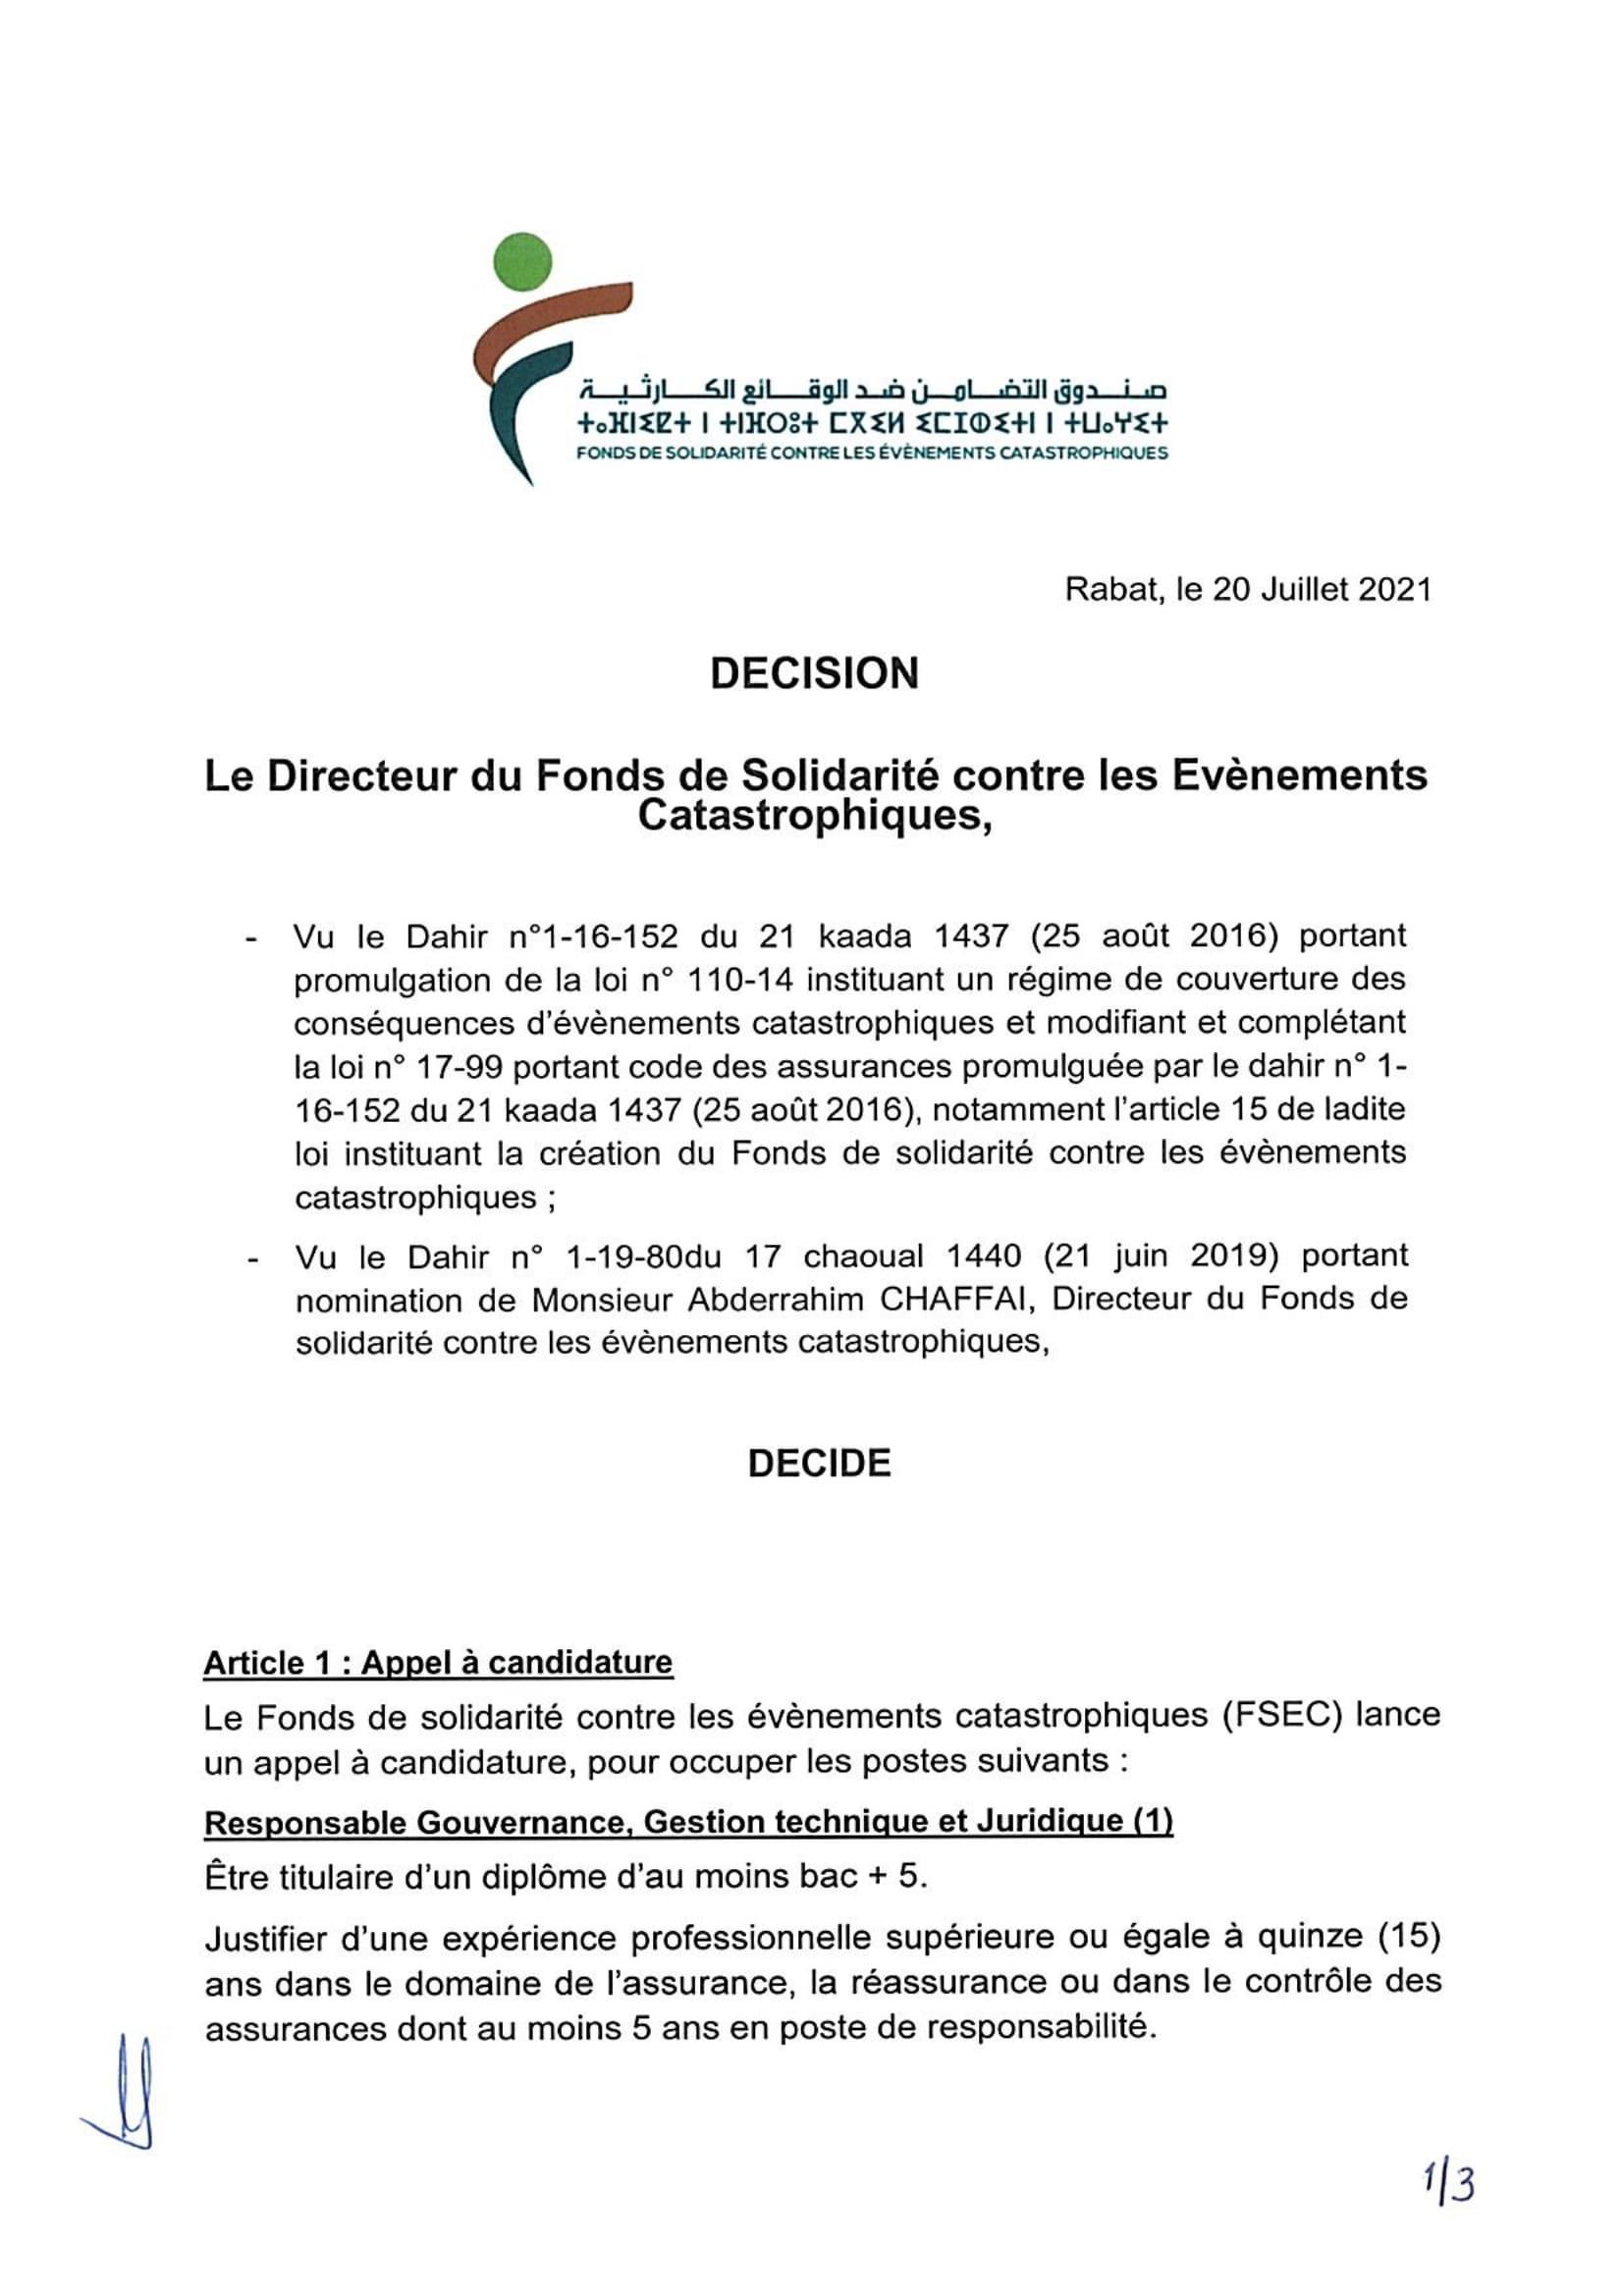 FSEC Decision Rectuement20212 1 Concours Fonds de Solidarité contre les Evénements Catastrophiques 2021 (5 Postes)